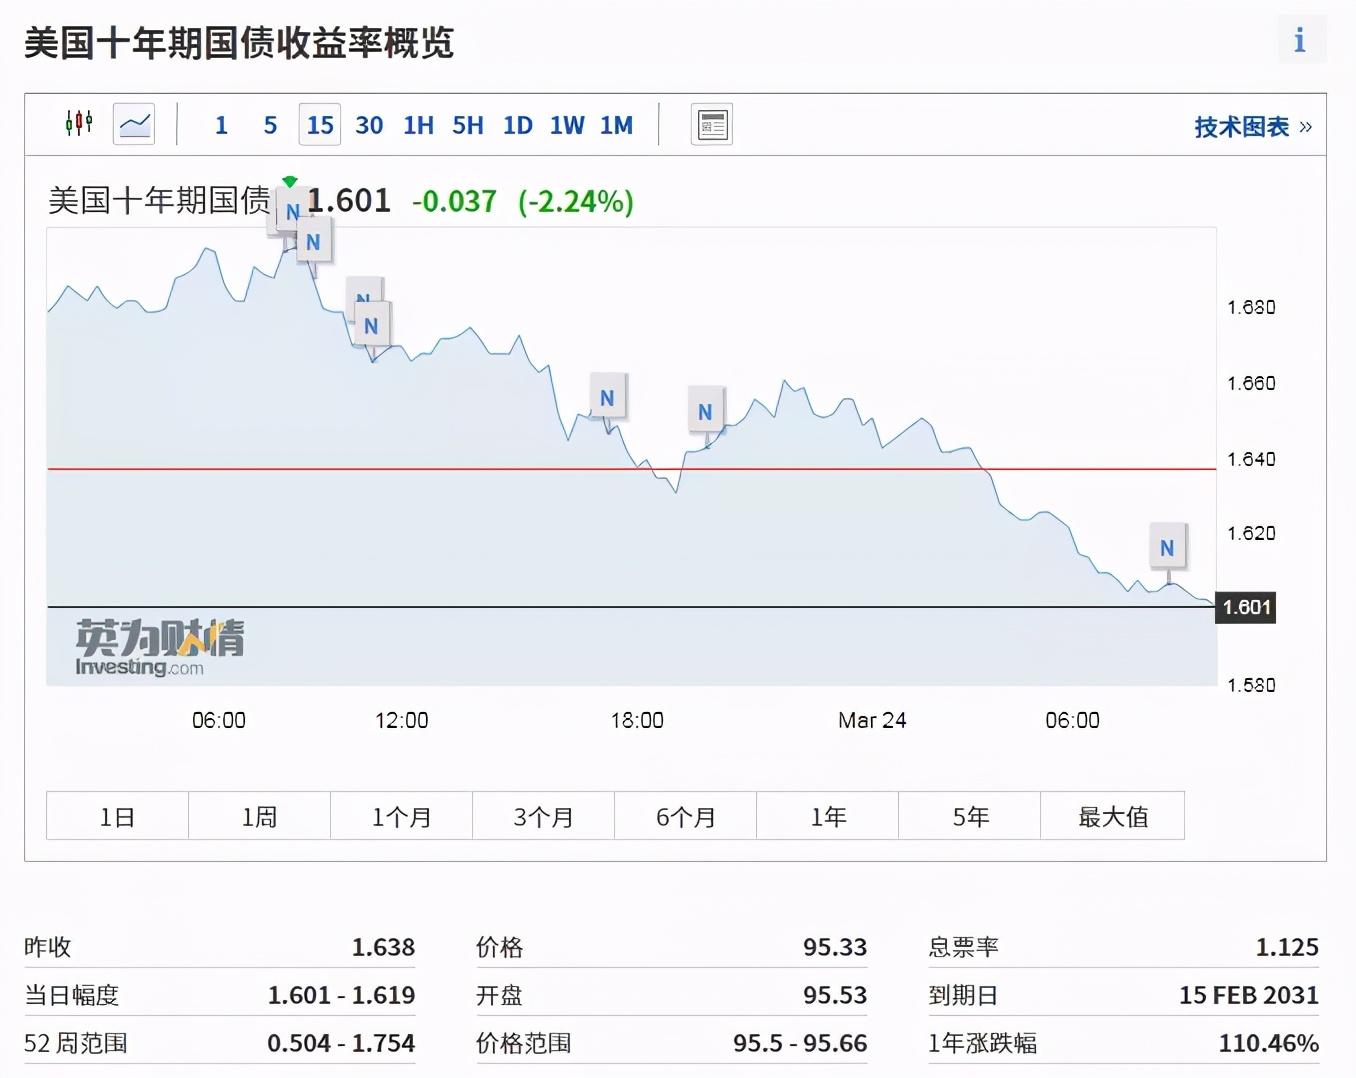 提前加息?油价暴跌6%,道琼斯指数暴跌300点,黄金立即上涨